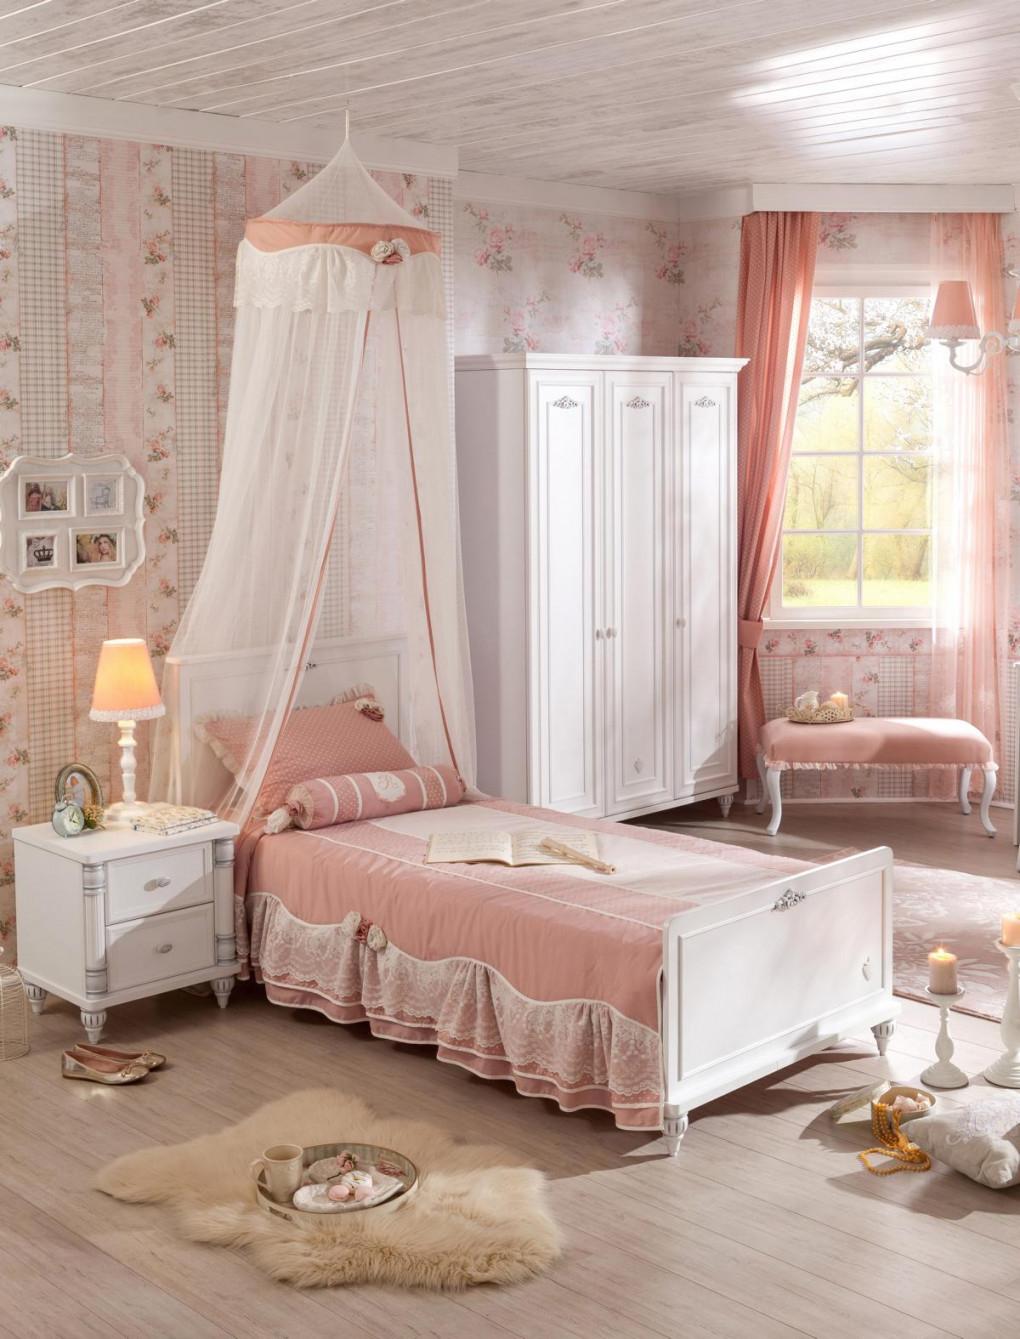 Kinderzimmer Komplett Set 3Teilig Weiß Barockstil Romantica von Günstige Babyzimmer Komplett Photo